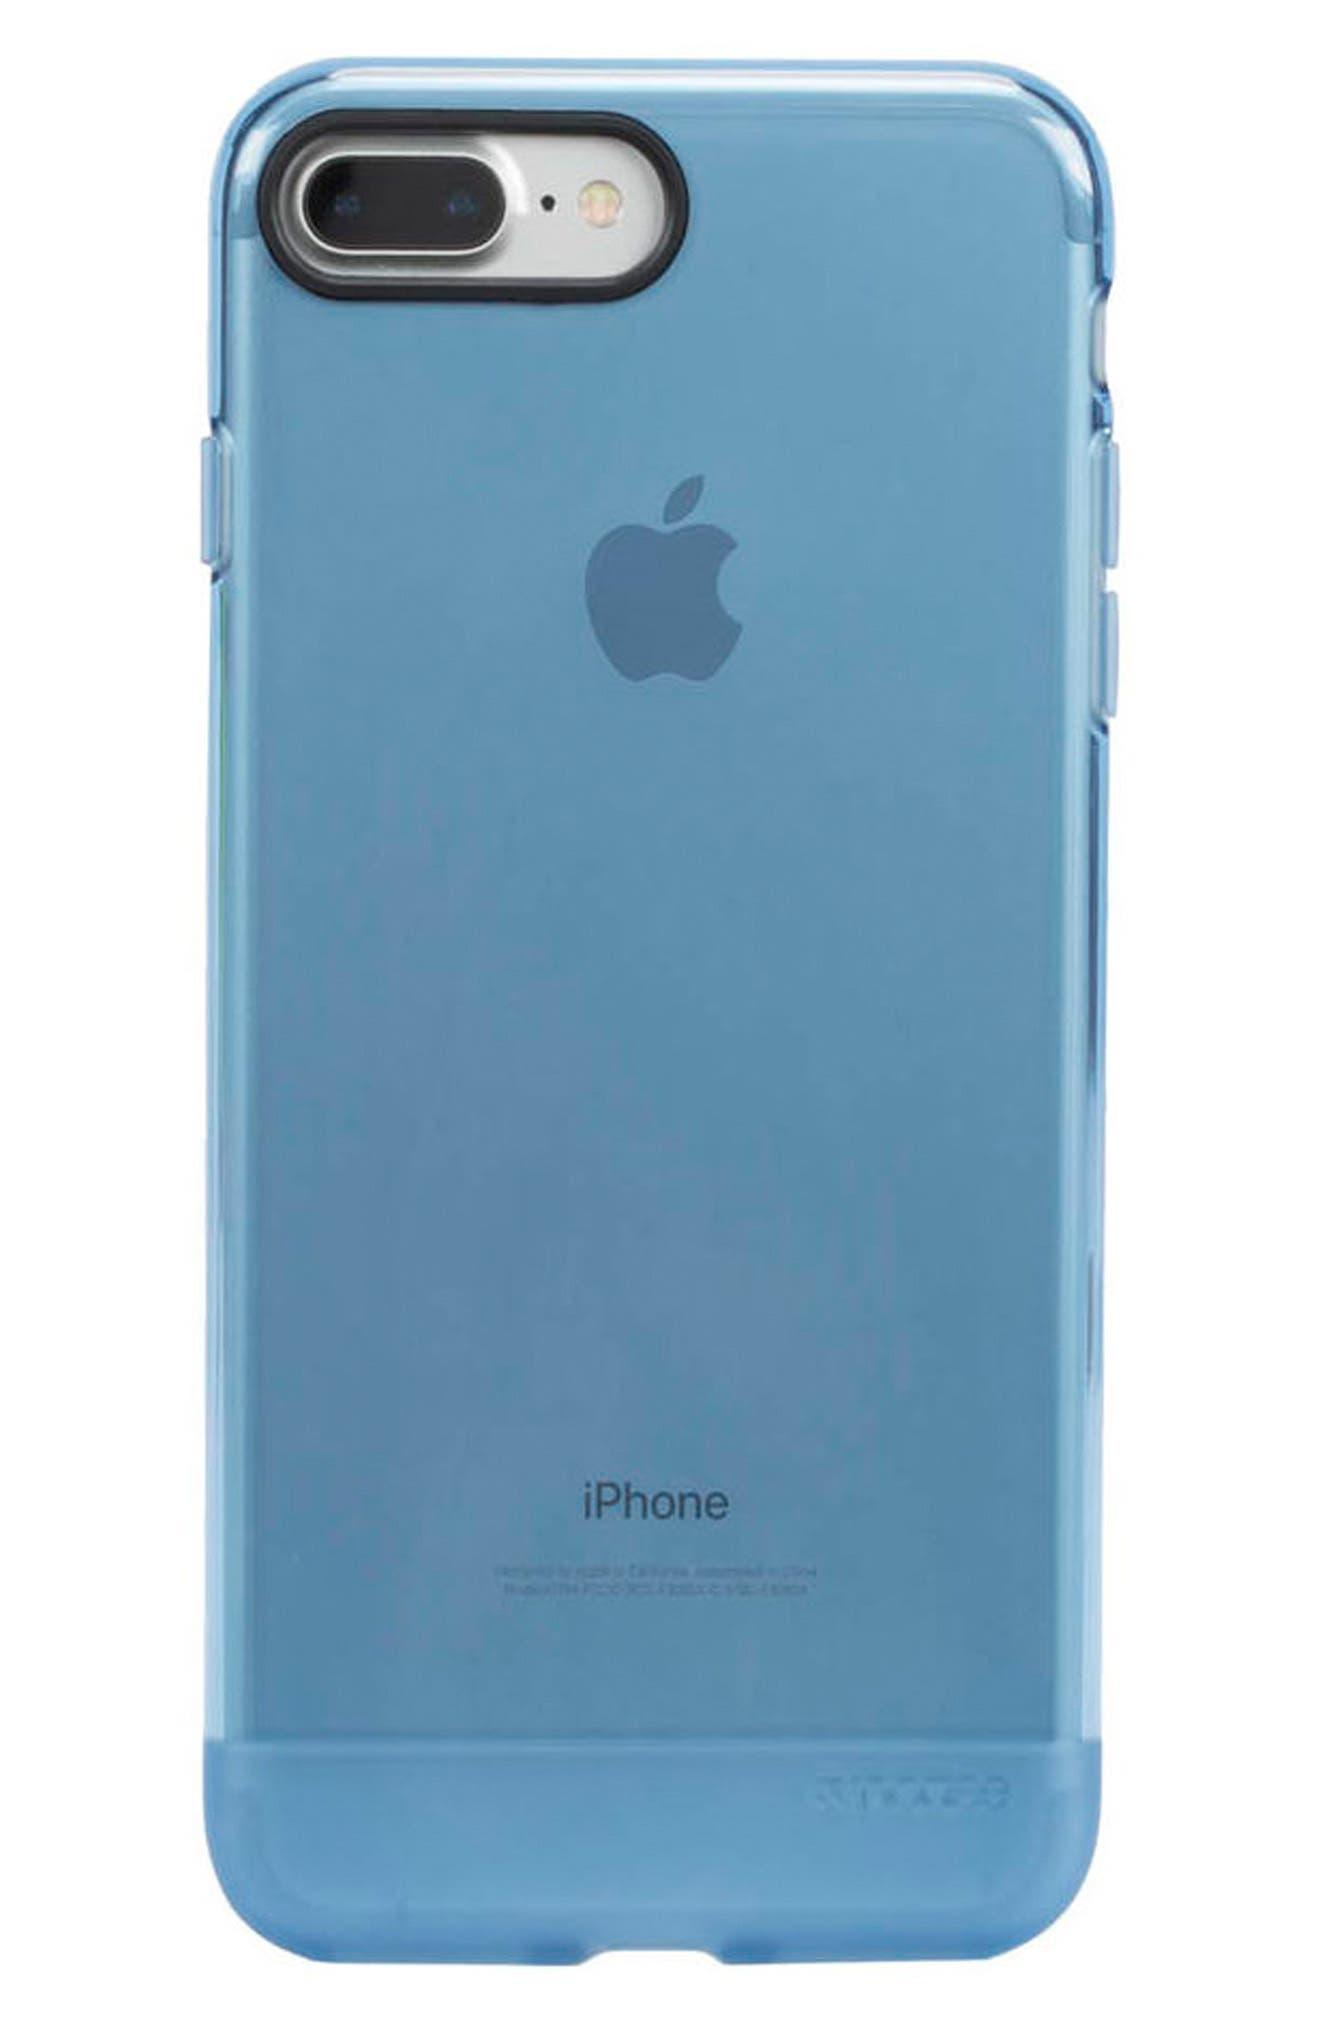 Incase Designs iPhone 7 Plus/8 Plus Case